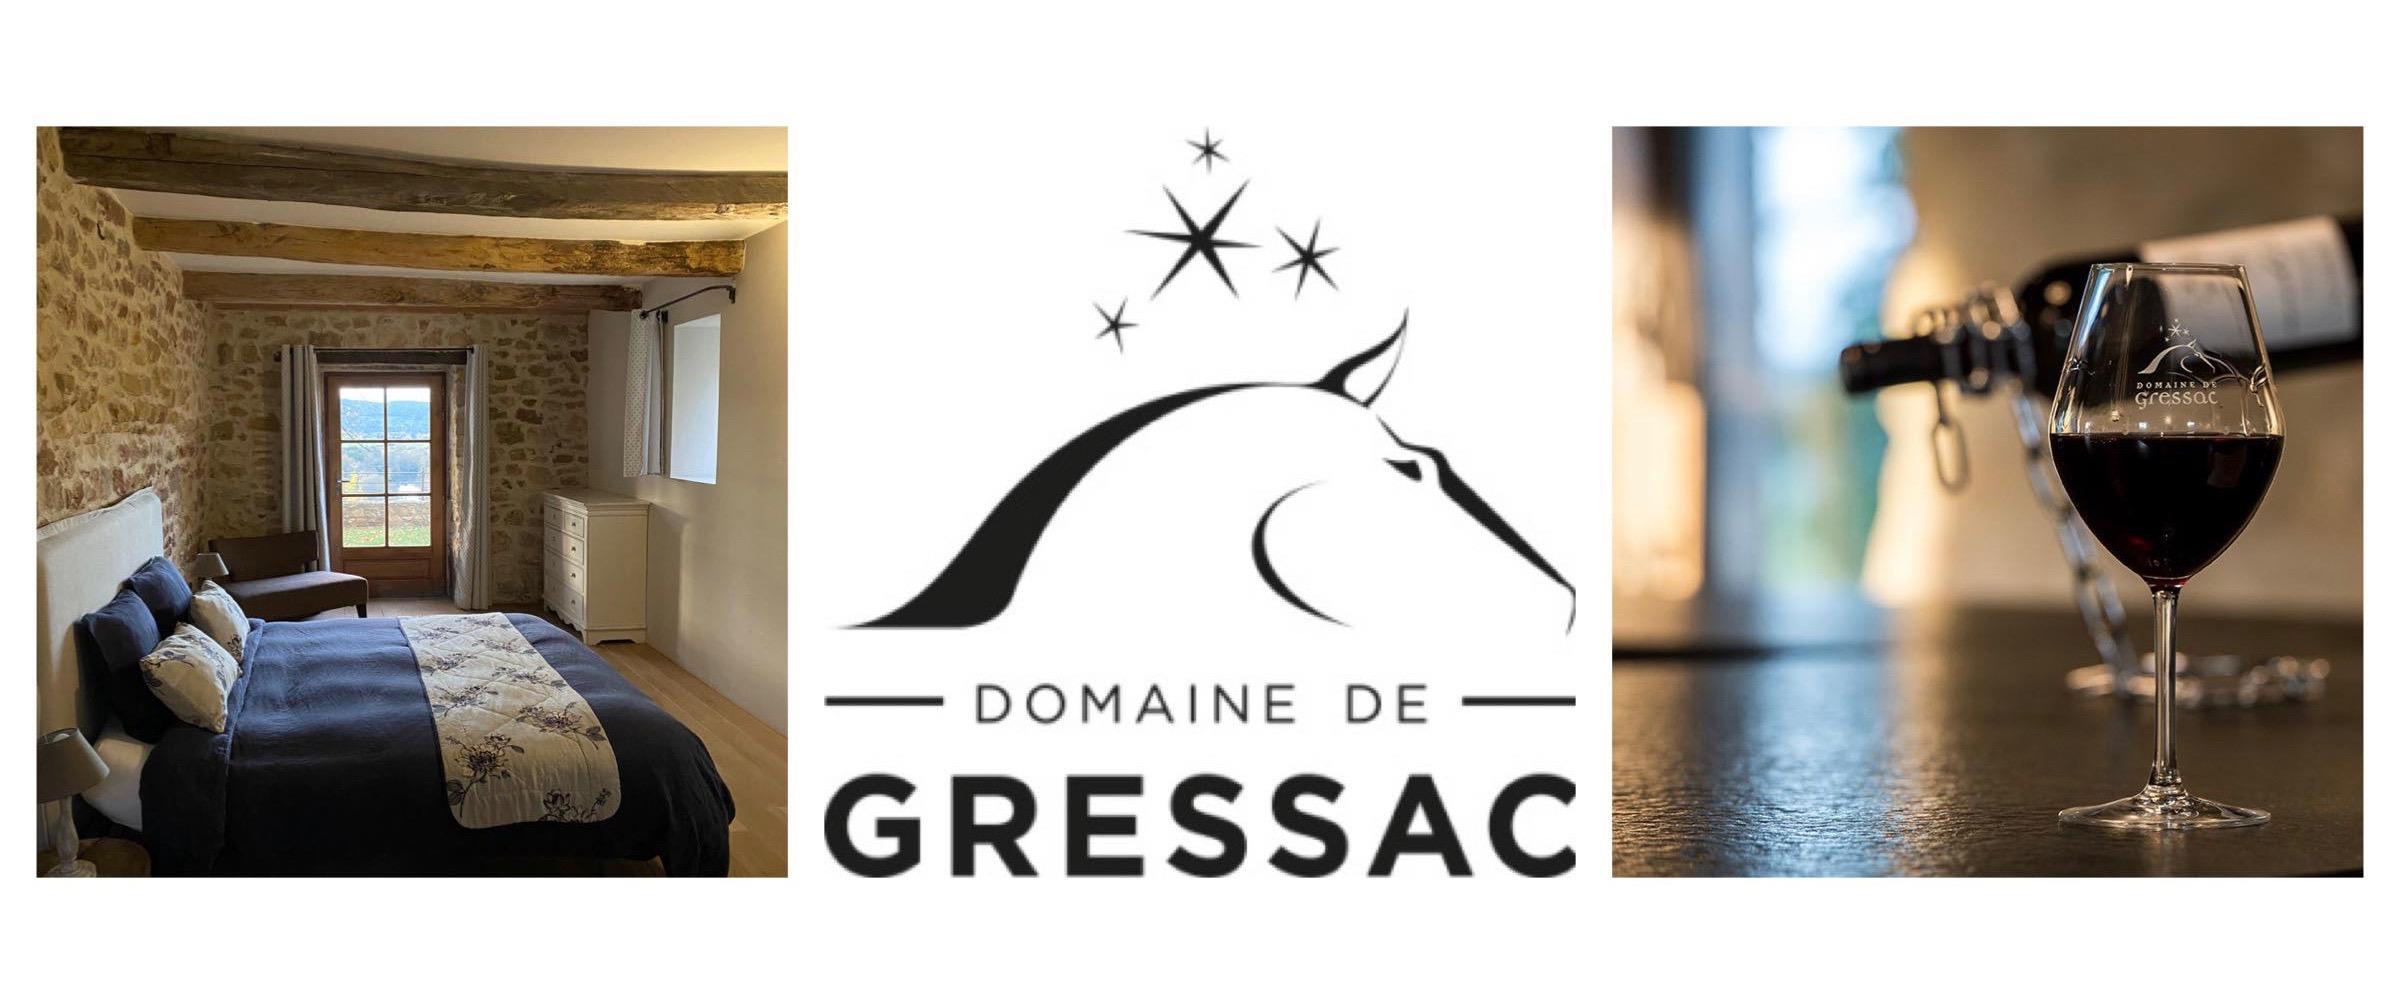 Domaine de Gressac Gite haut de gamme vin chevaux